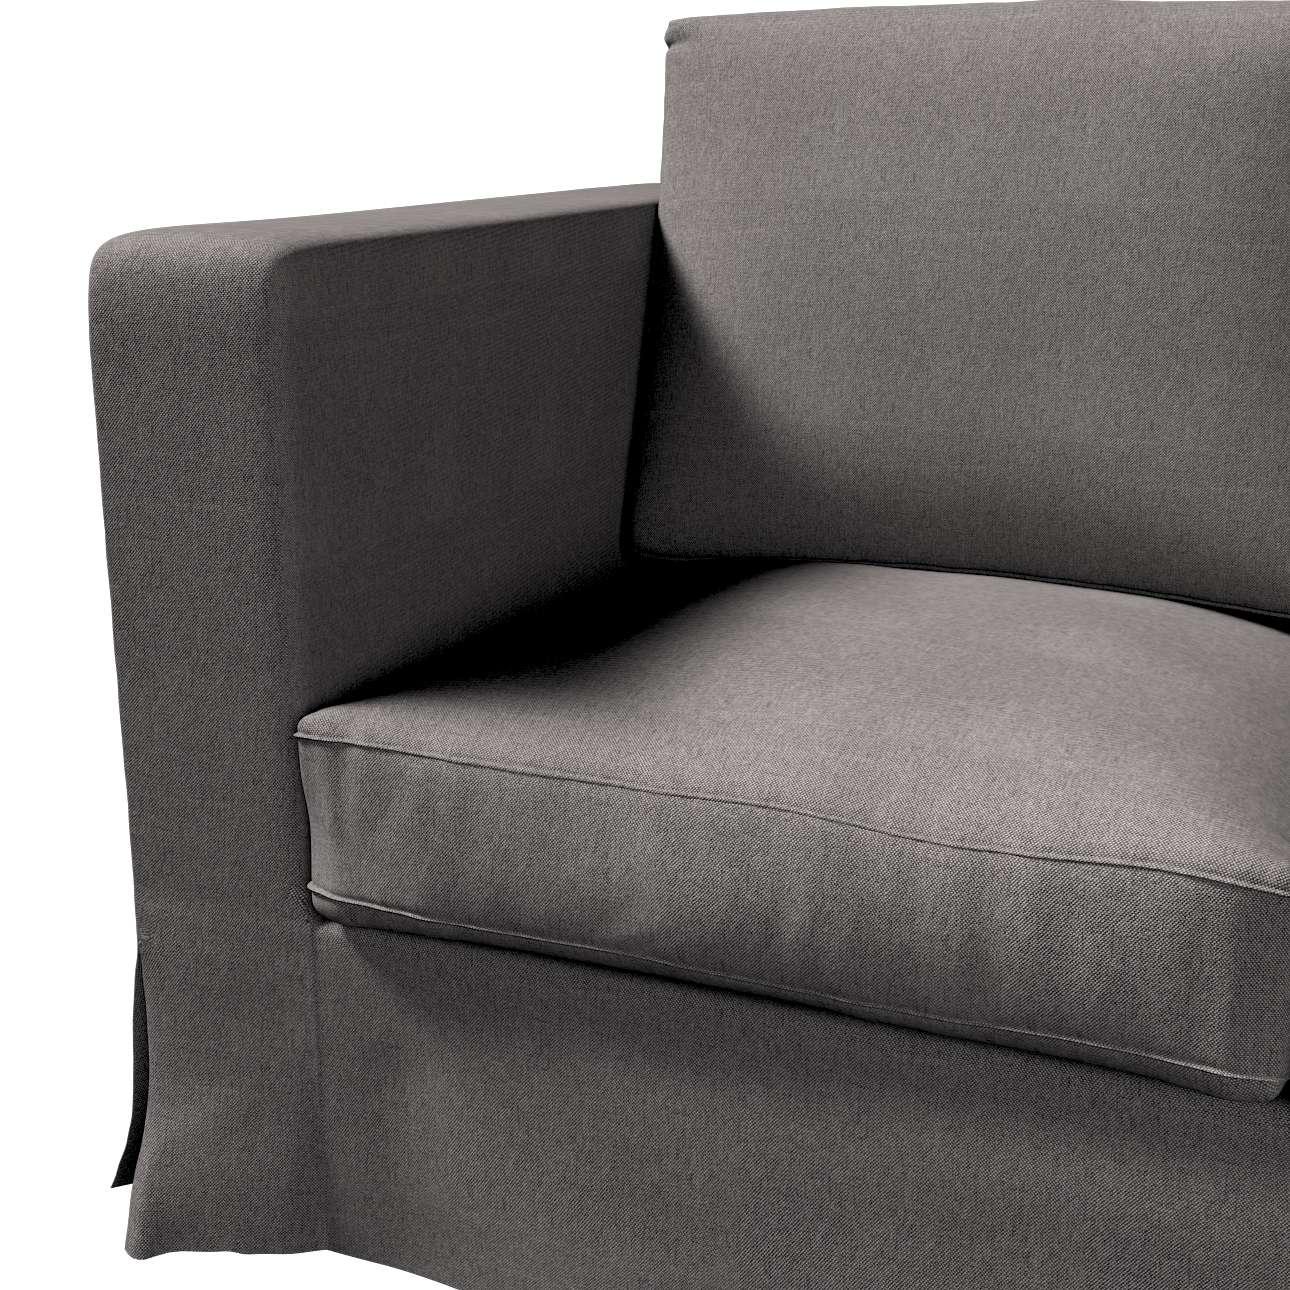 Bezug für Karlanda 3-Sitzer Sofa nicht ausklappbar, lang von der Kollektion Etna, Stoff: 705-35